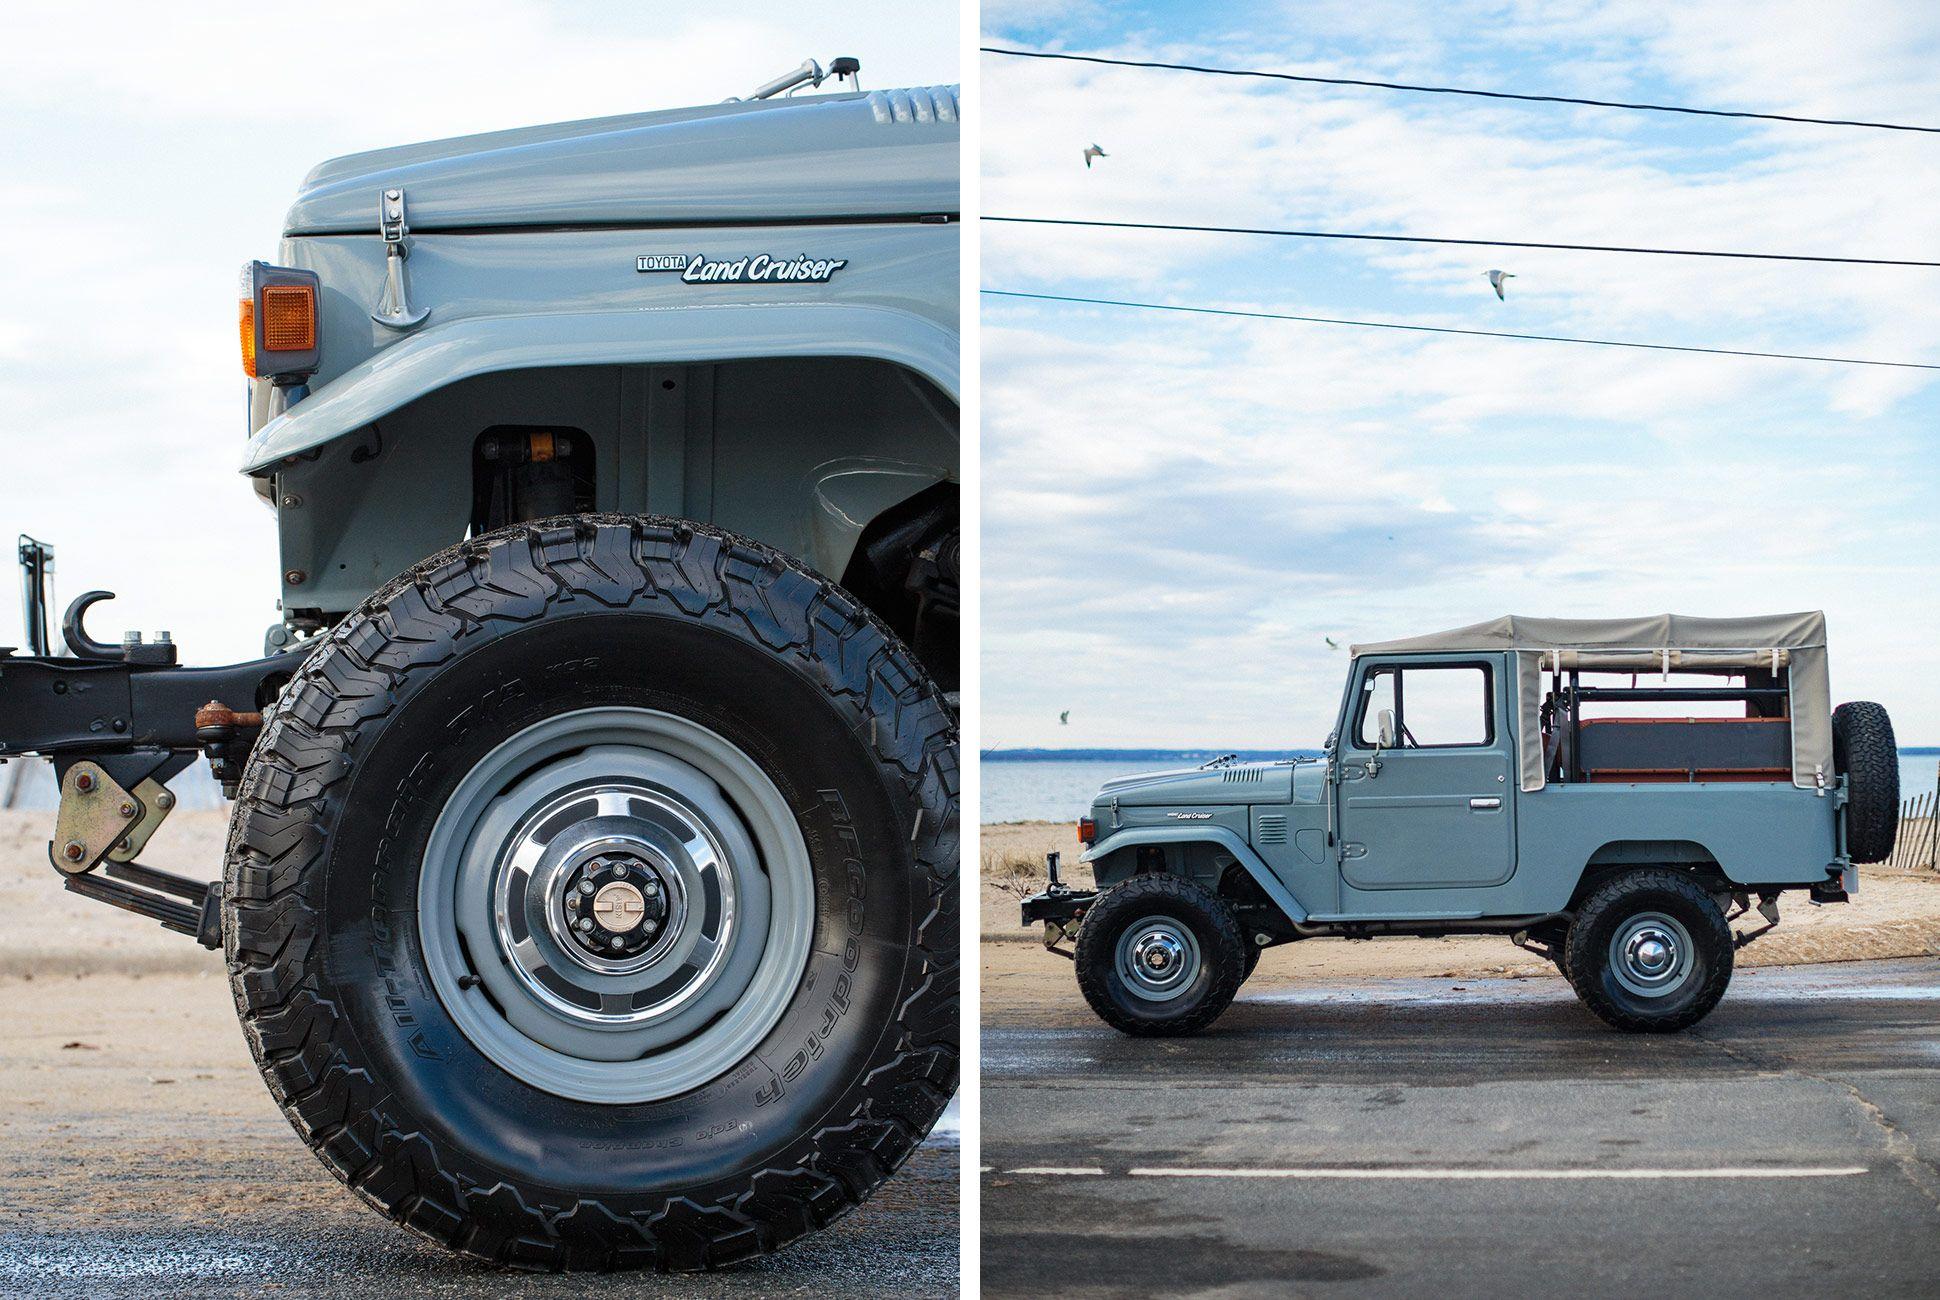 Restomod-Cars-Gear-Patrol-FJ-Slide-7